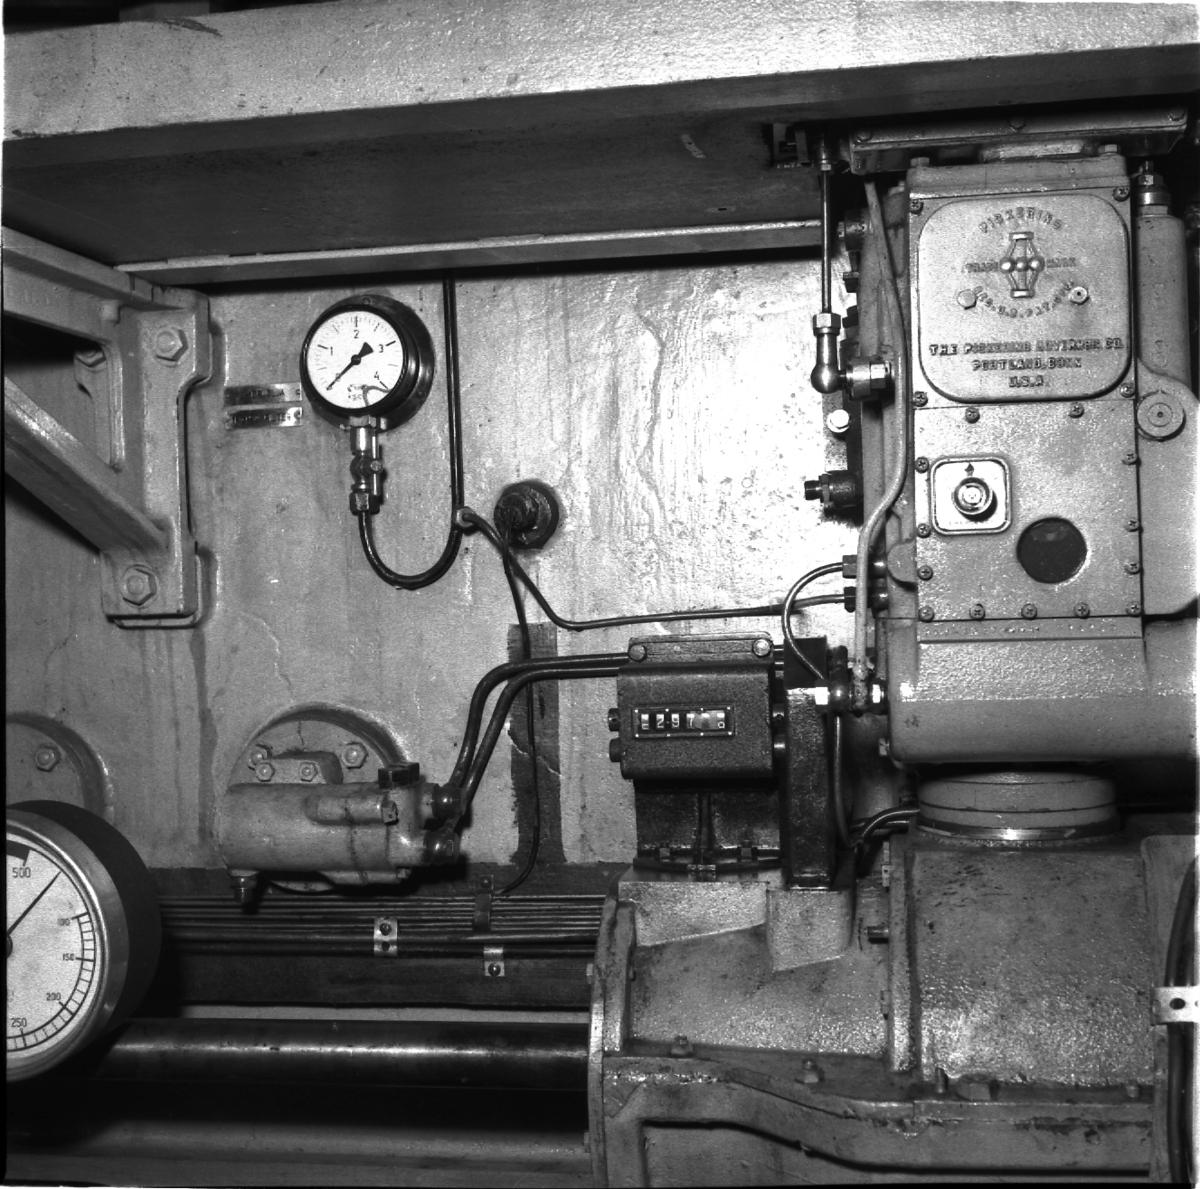 Fartyg: THULE                           Övrigt: Isbrytaren Thule, regulator i maskin.